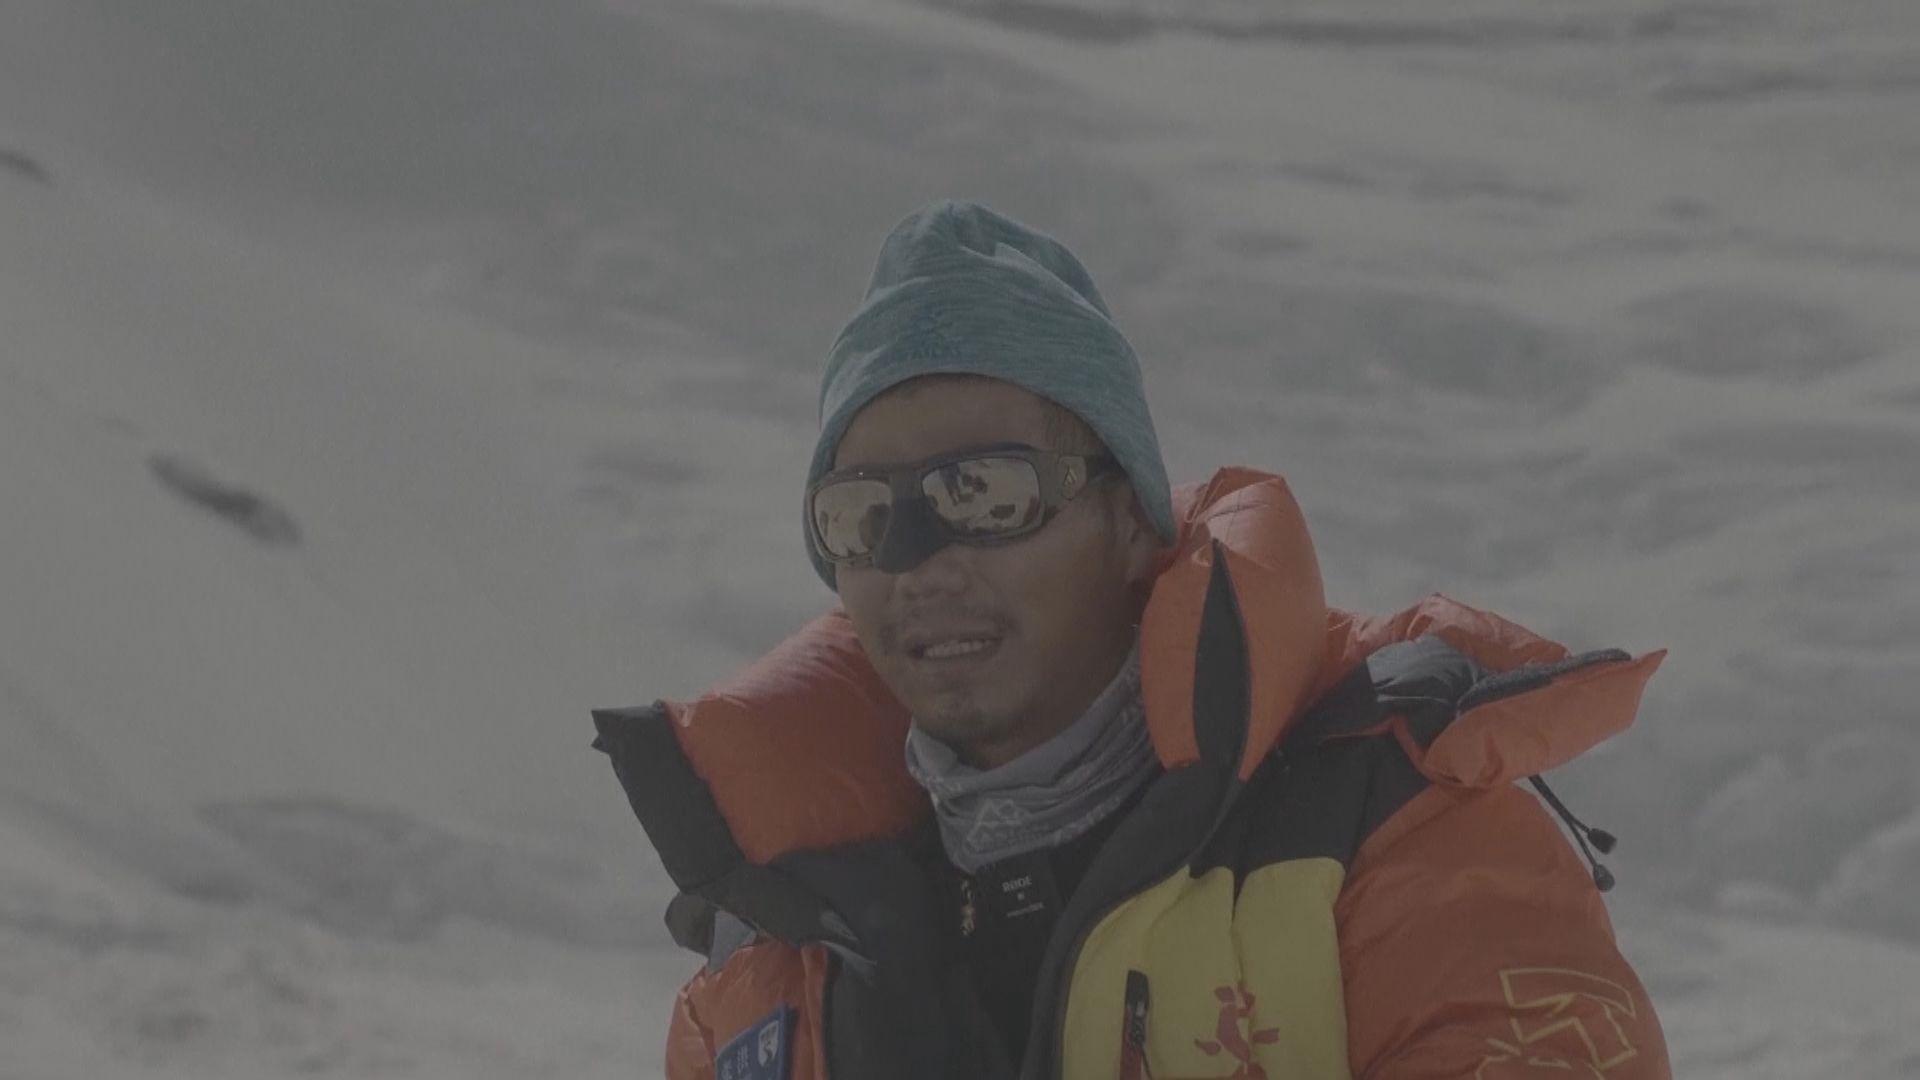 【環球薈報】中國張洪成亞洲第一盲人登珠穆朗瑪峰